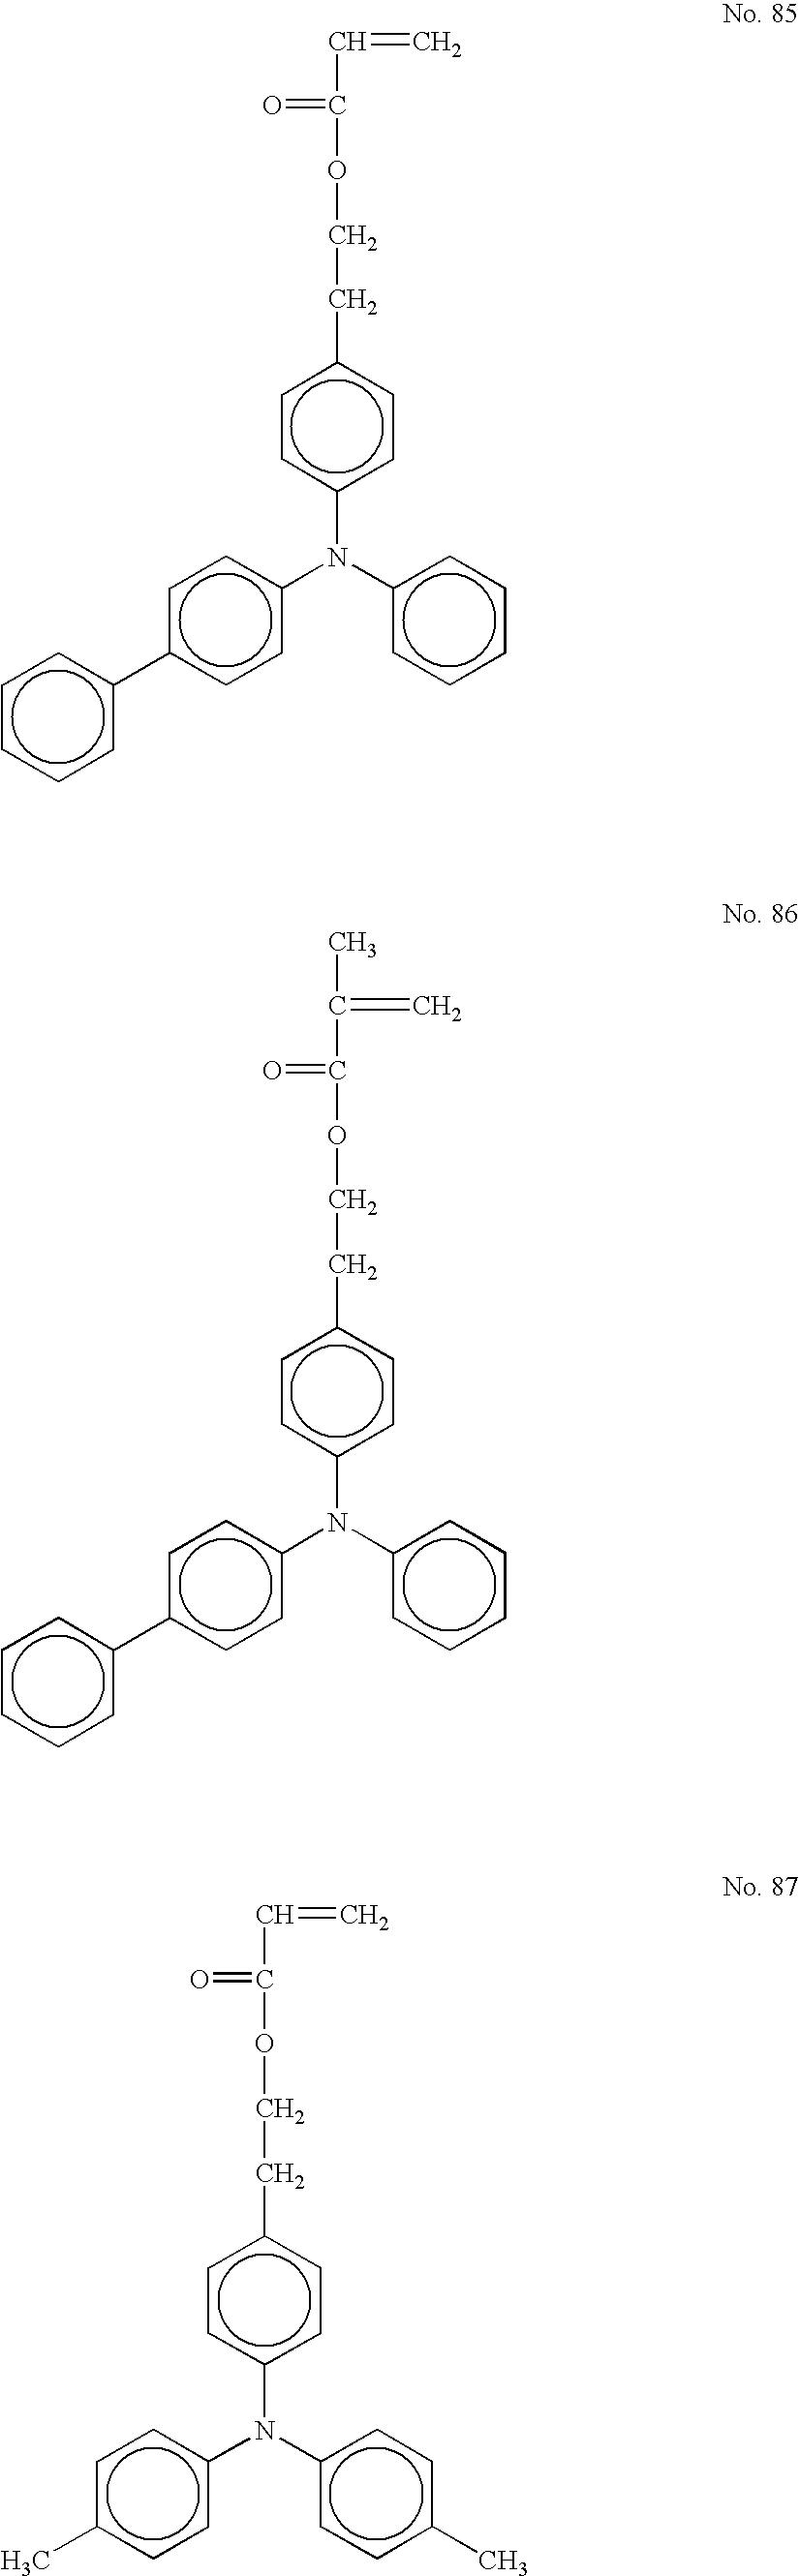 Figure US07361438-20080422-C00036